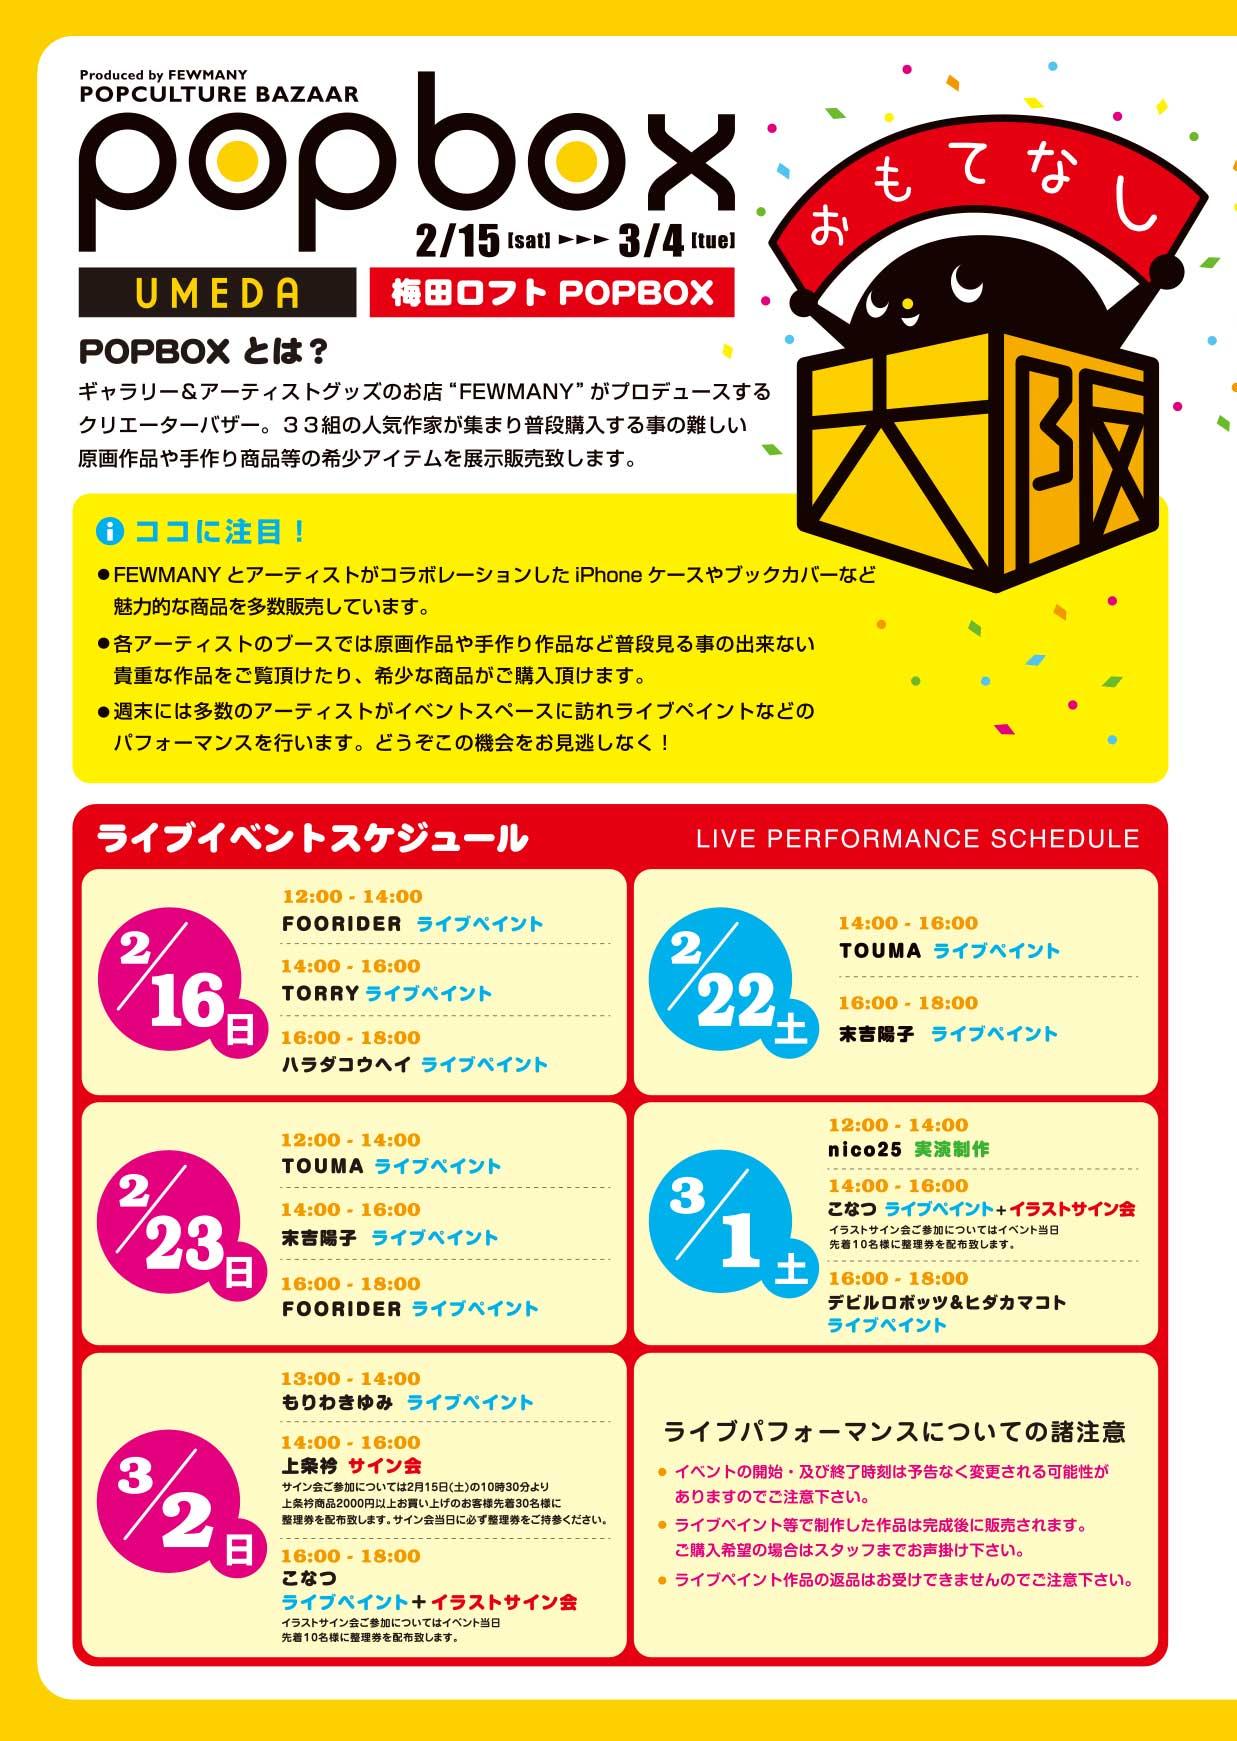 2月15日より POPBOX 梅田ロフト、有楽町ロフト同時開催!!_f0010033_22471717.jpg